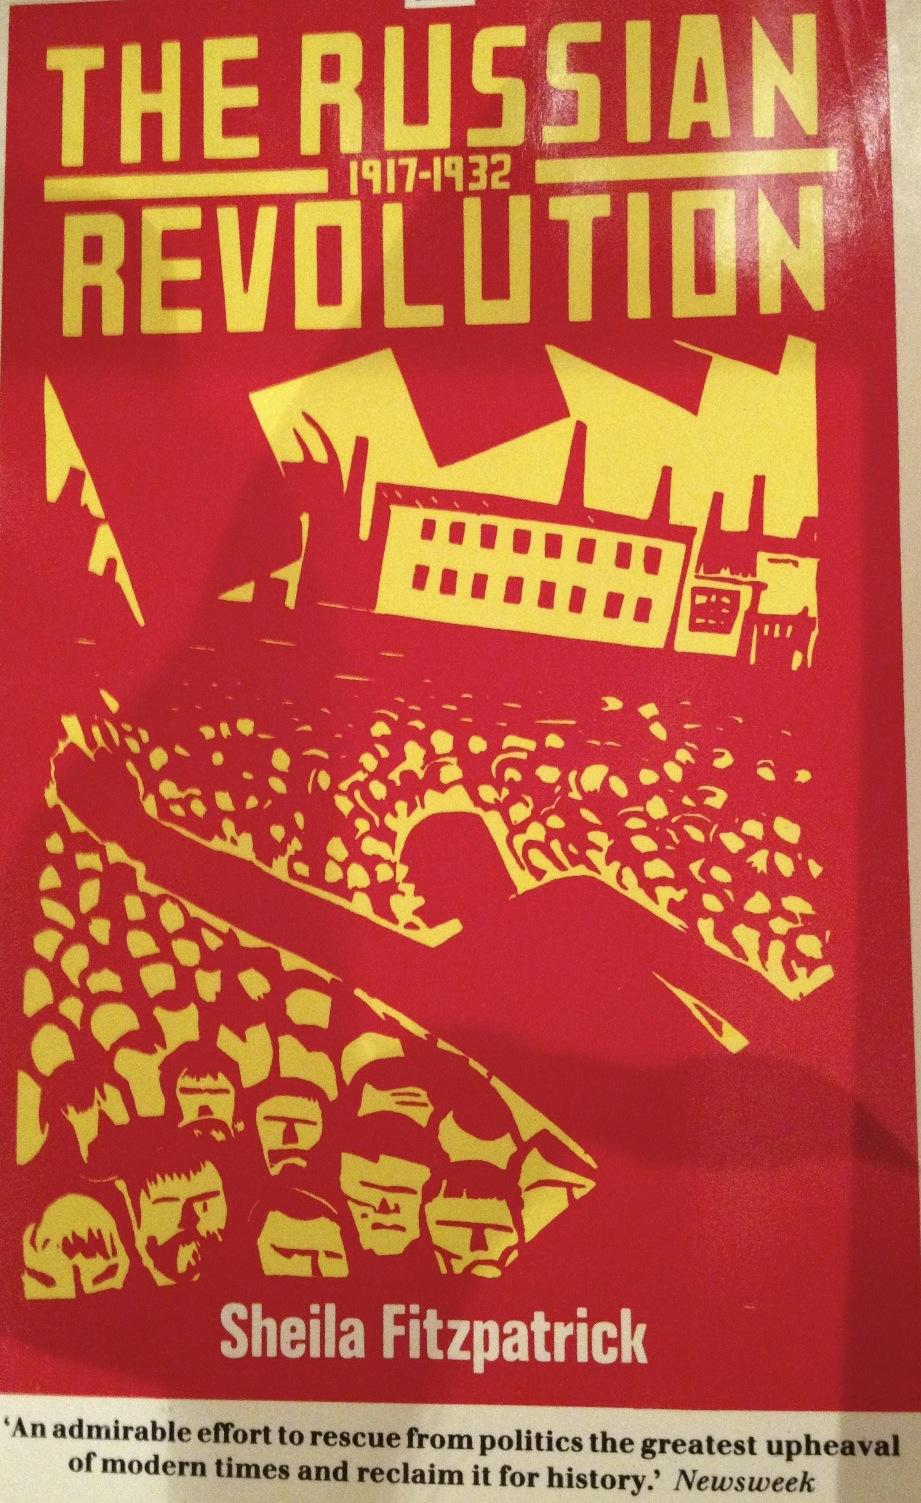 The Russian Revolution, 1917-32